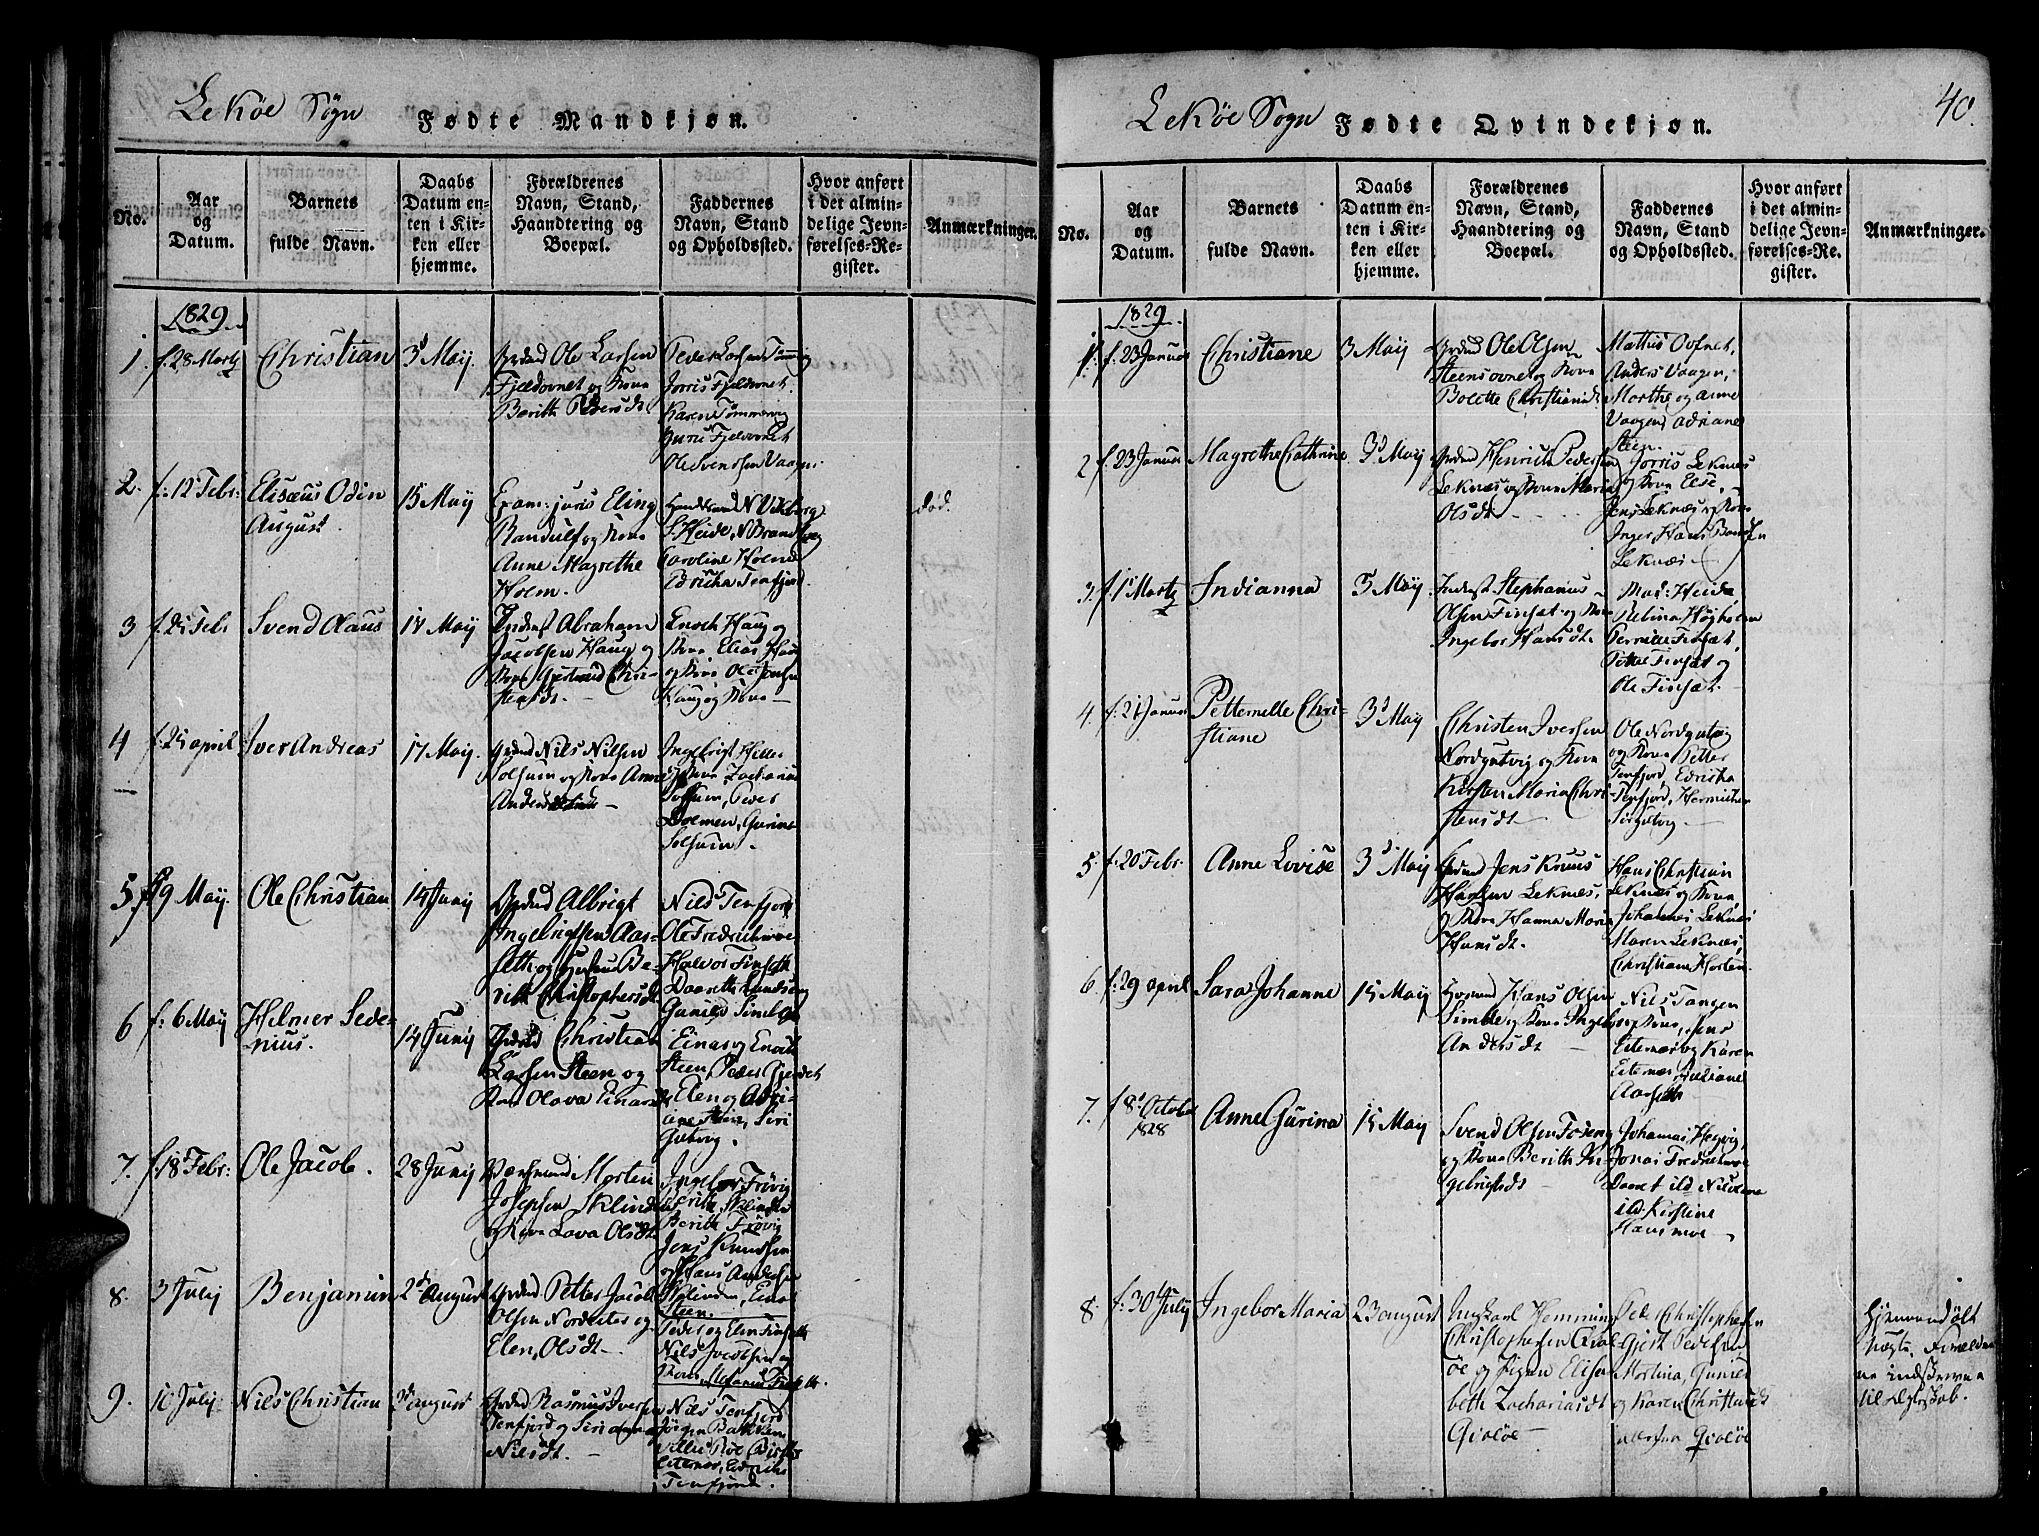 SAT, Ministerialprotokoller, klokkerbøker og fødselsregistre - Nord-Trøndelag, 780/L0636: Ministerialbok nr. 780A03 /2, 1815-1829, s. 40